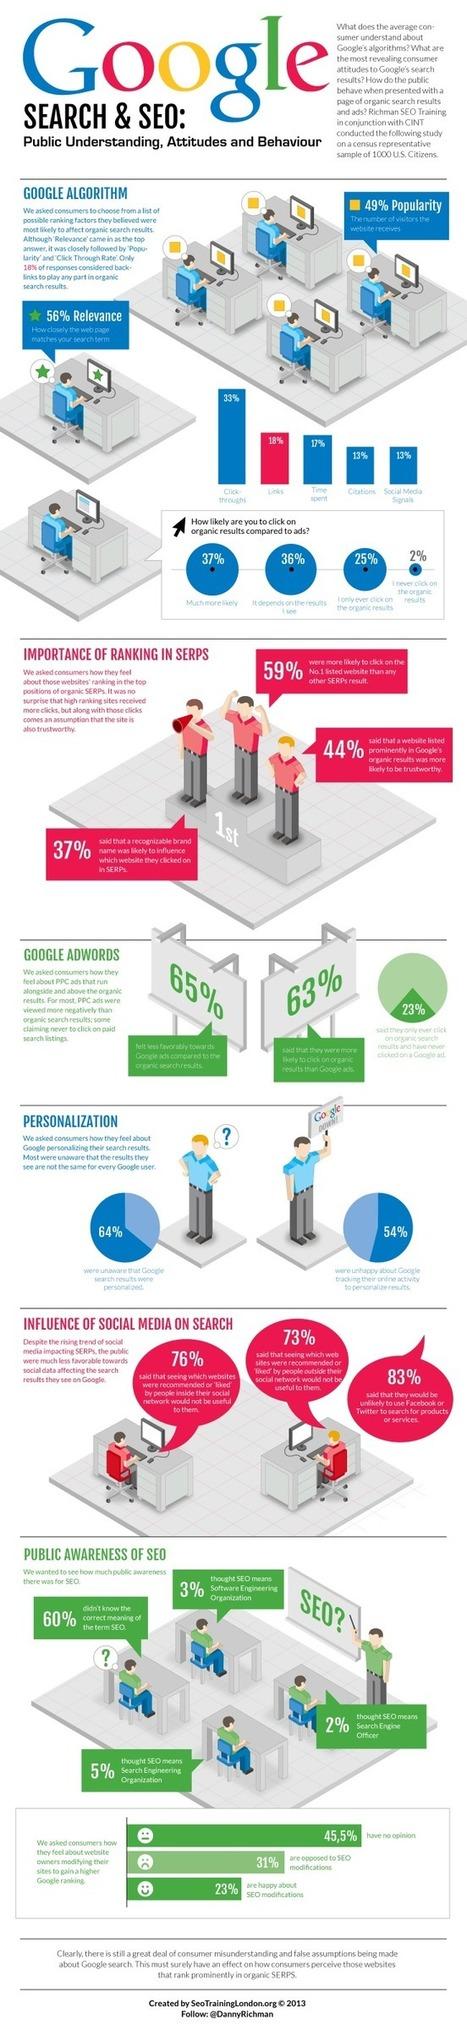 Google Search & SEO Infographic: Public Understanding Attitudes and Behaviour | Social Media e Innovación Tecnológica | Scoop.it